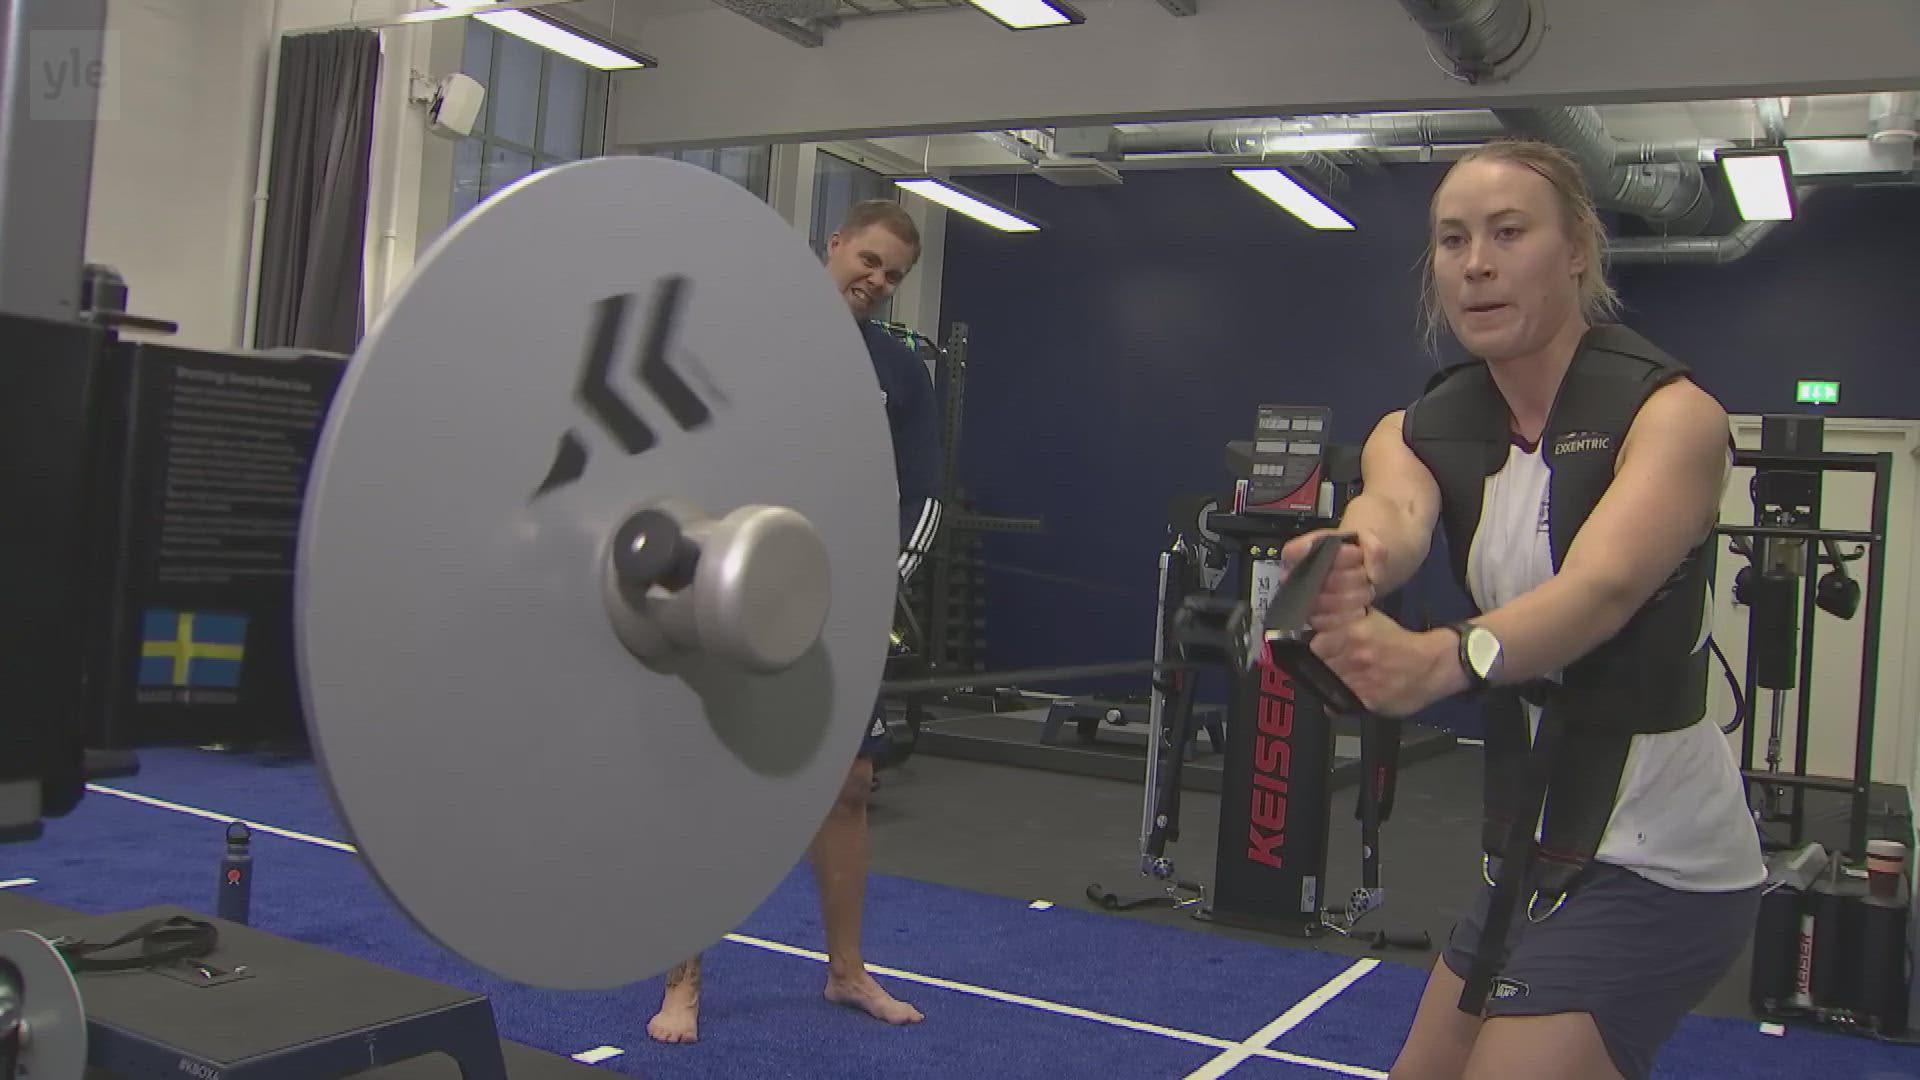 Katso, miten Enni Rukajärvi treenaa kesällä